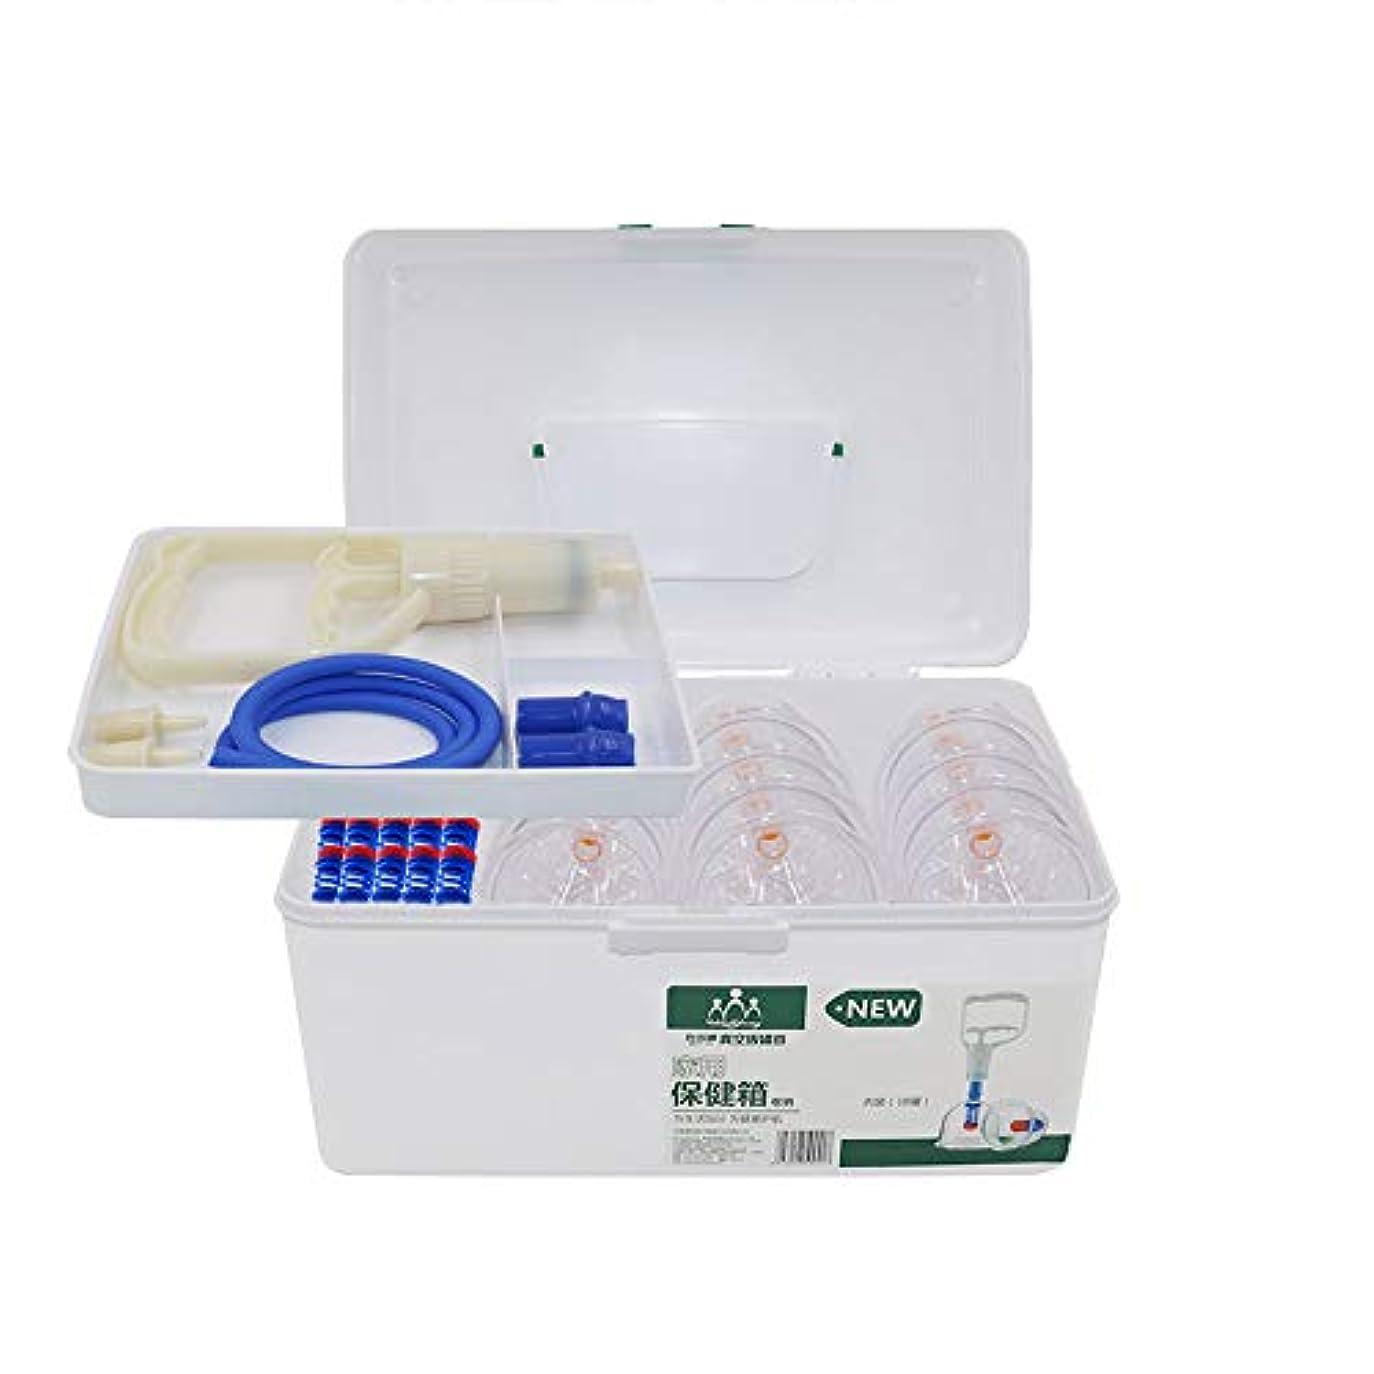 工業用冷酷なコイルRui Peng 真空カッピング装置 カッピング装置 - 専門家のカッピング治療装置大人と高齢者に適したポンプハンドルと延長チューブで設定18カップ